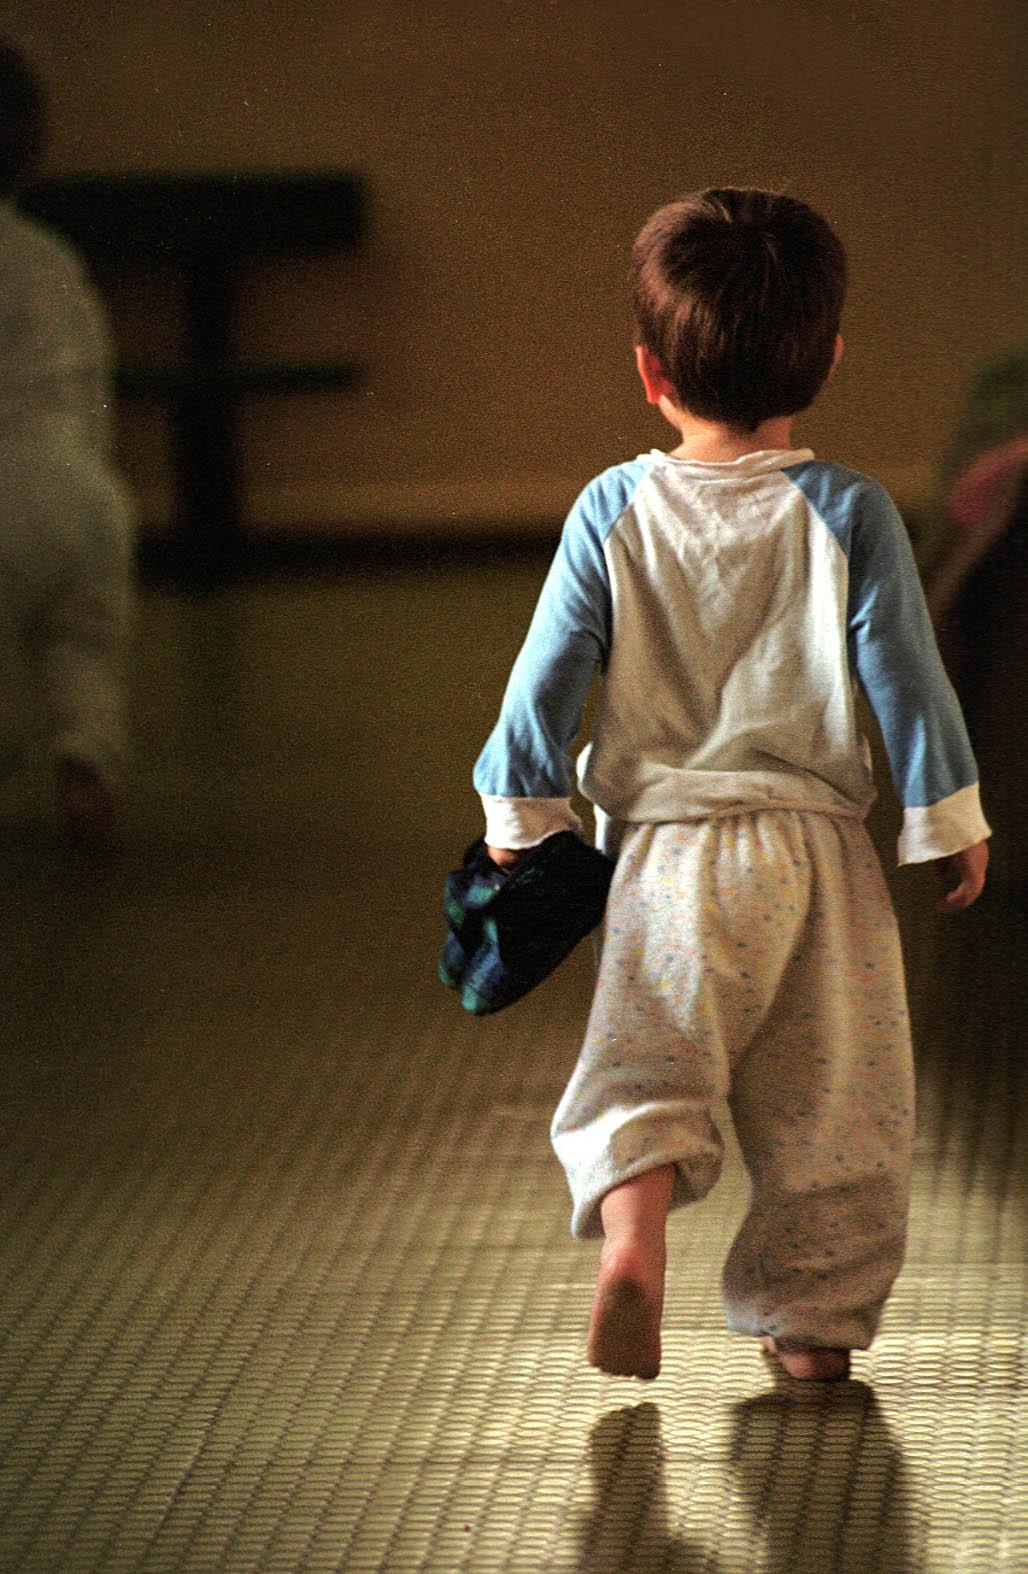 Jutarnji list - Potresno pismo majke posvojenog dječaka koju je ganula  priča o zlostavljanom mališanu s ožiljcima od opušaka: Takav maleni dječak  bio je i moj sin...